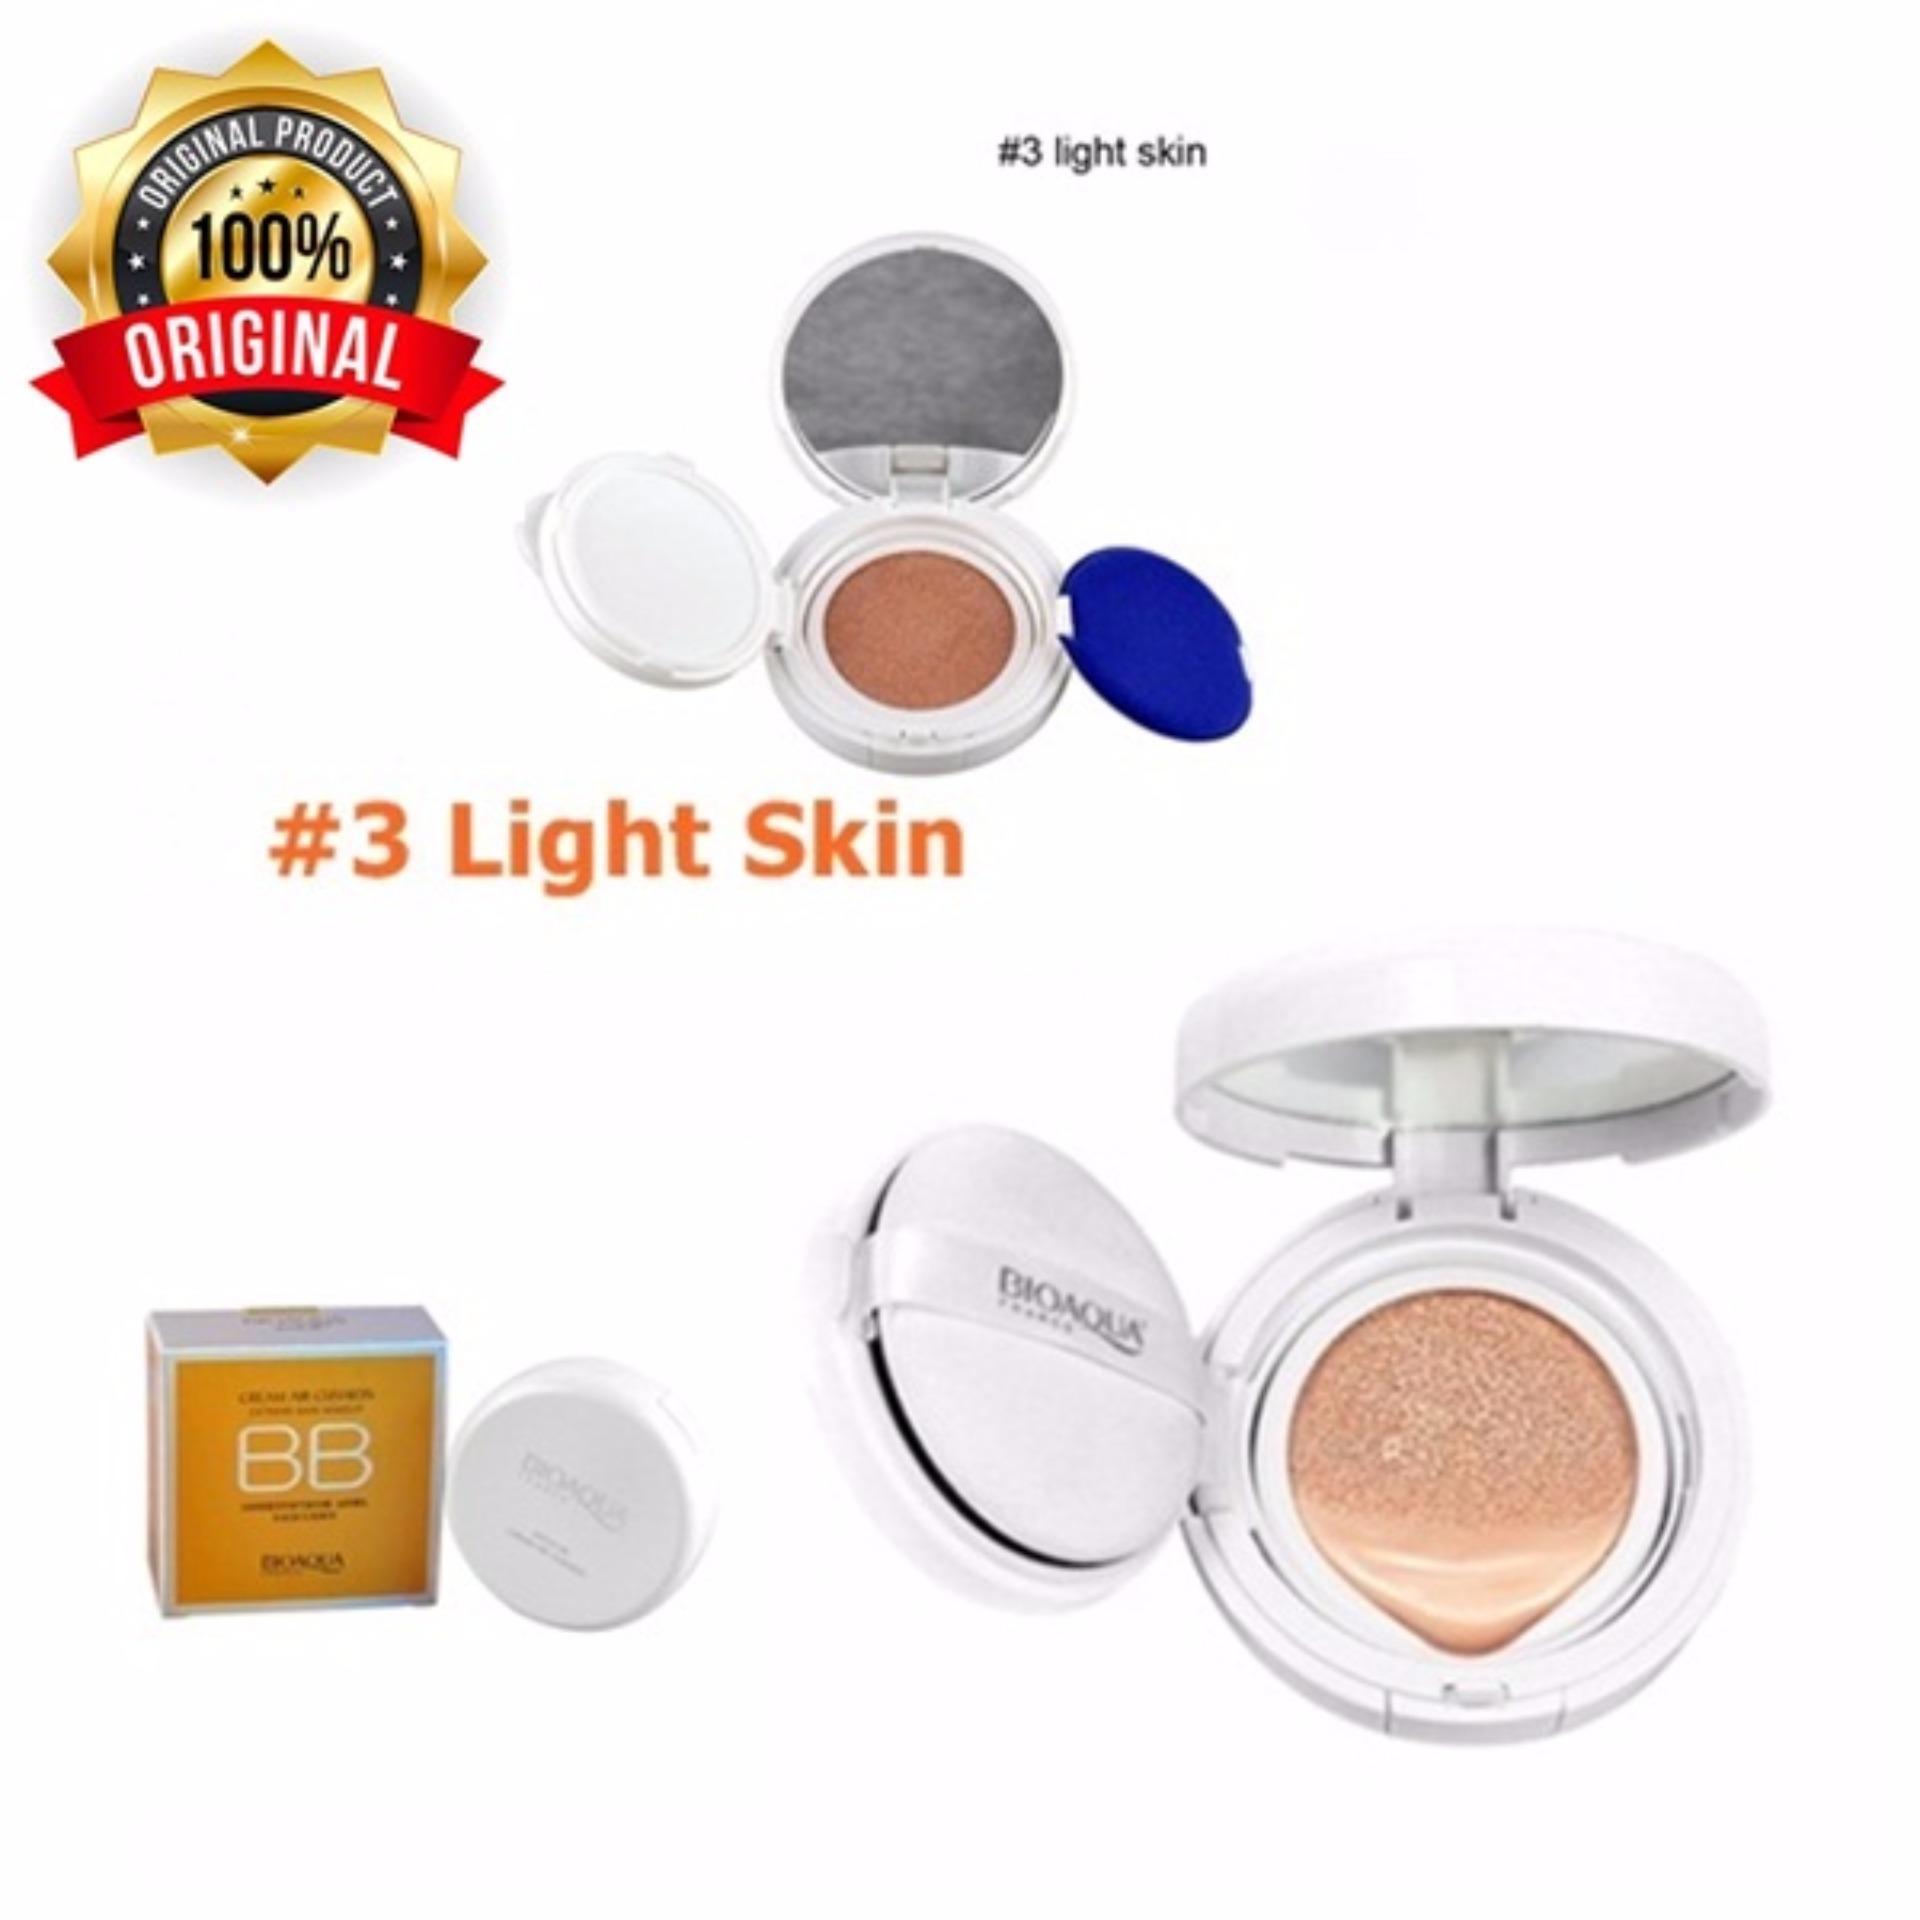 [03- Light Skin] BIOAQUA BB Cream Air Cushion Original